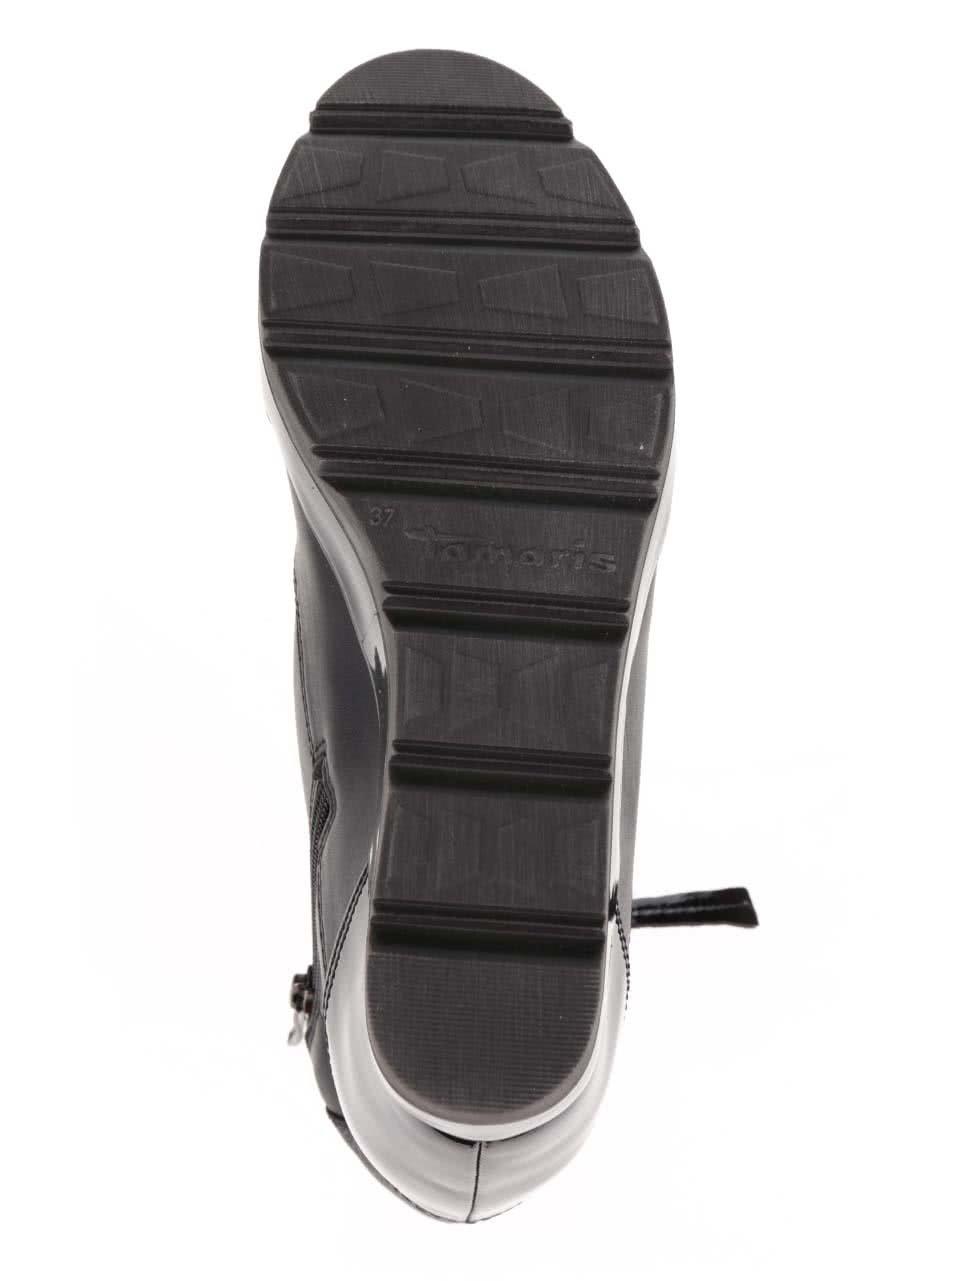 6cec4b96a91a Čierne členkové tenisky na platforme s lesklými a semišovými detailmi  Tamaris ...